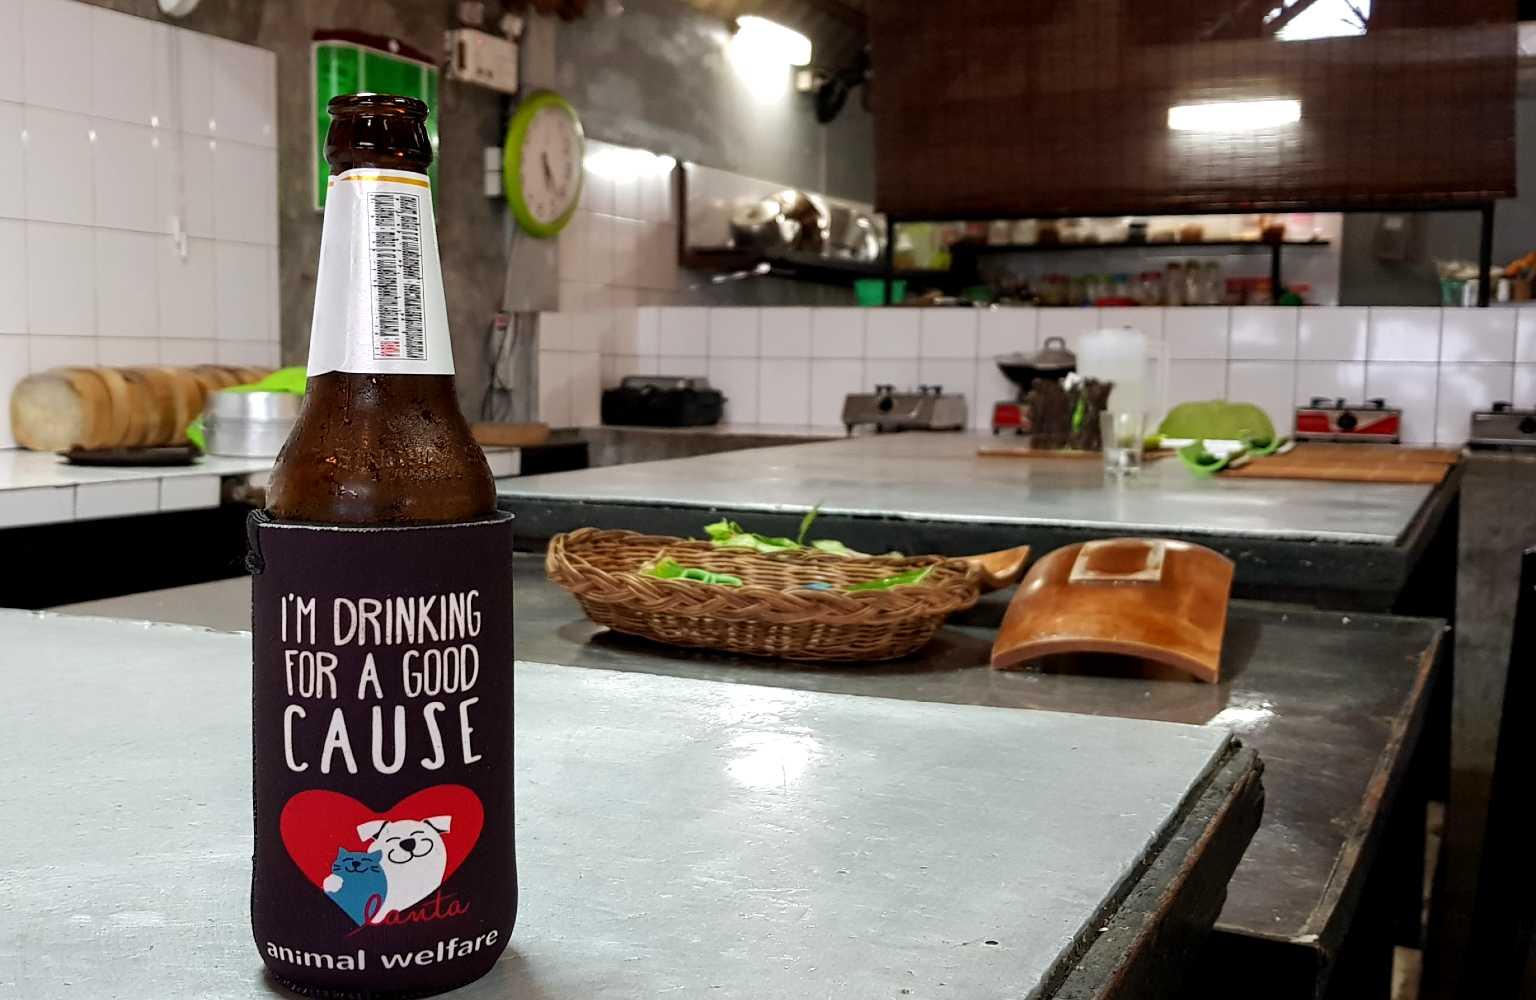 Dierenwelzijn, Kookcursus bij sponsor Time for Lime